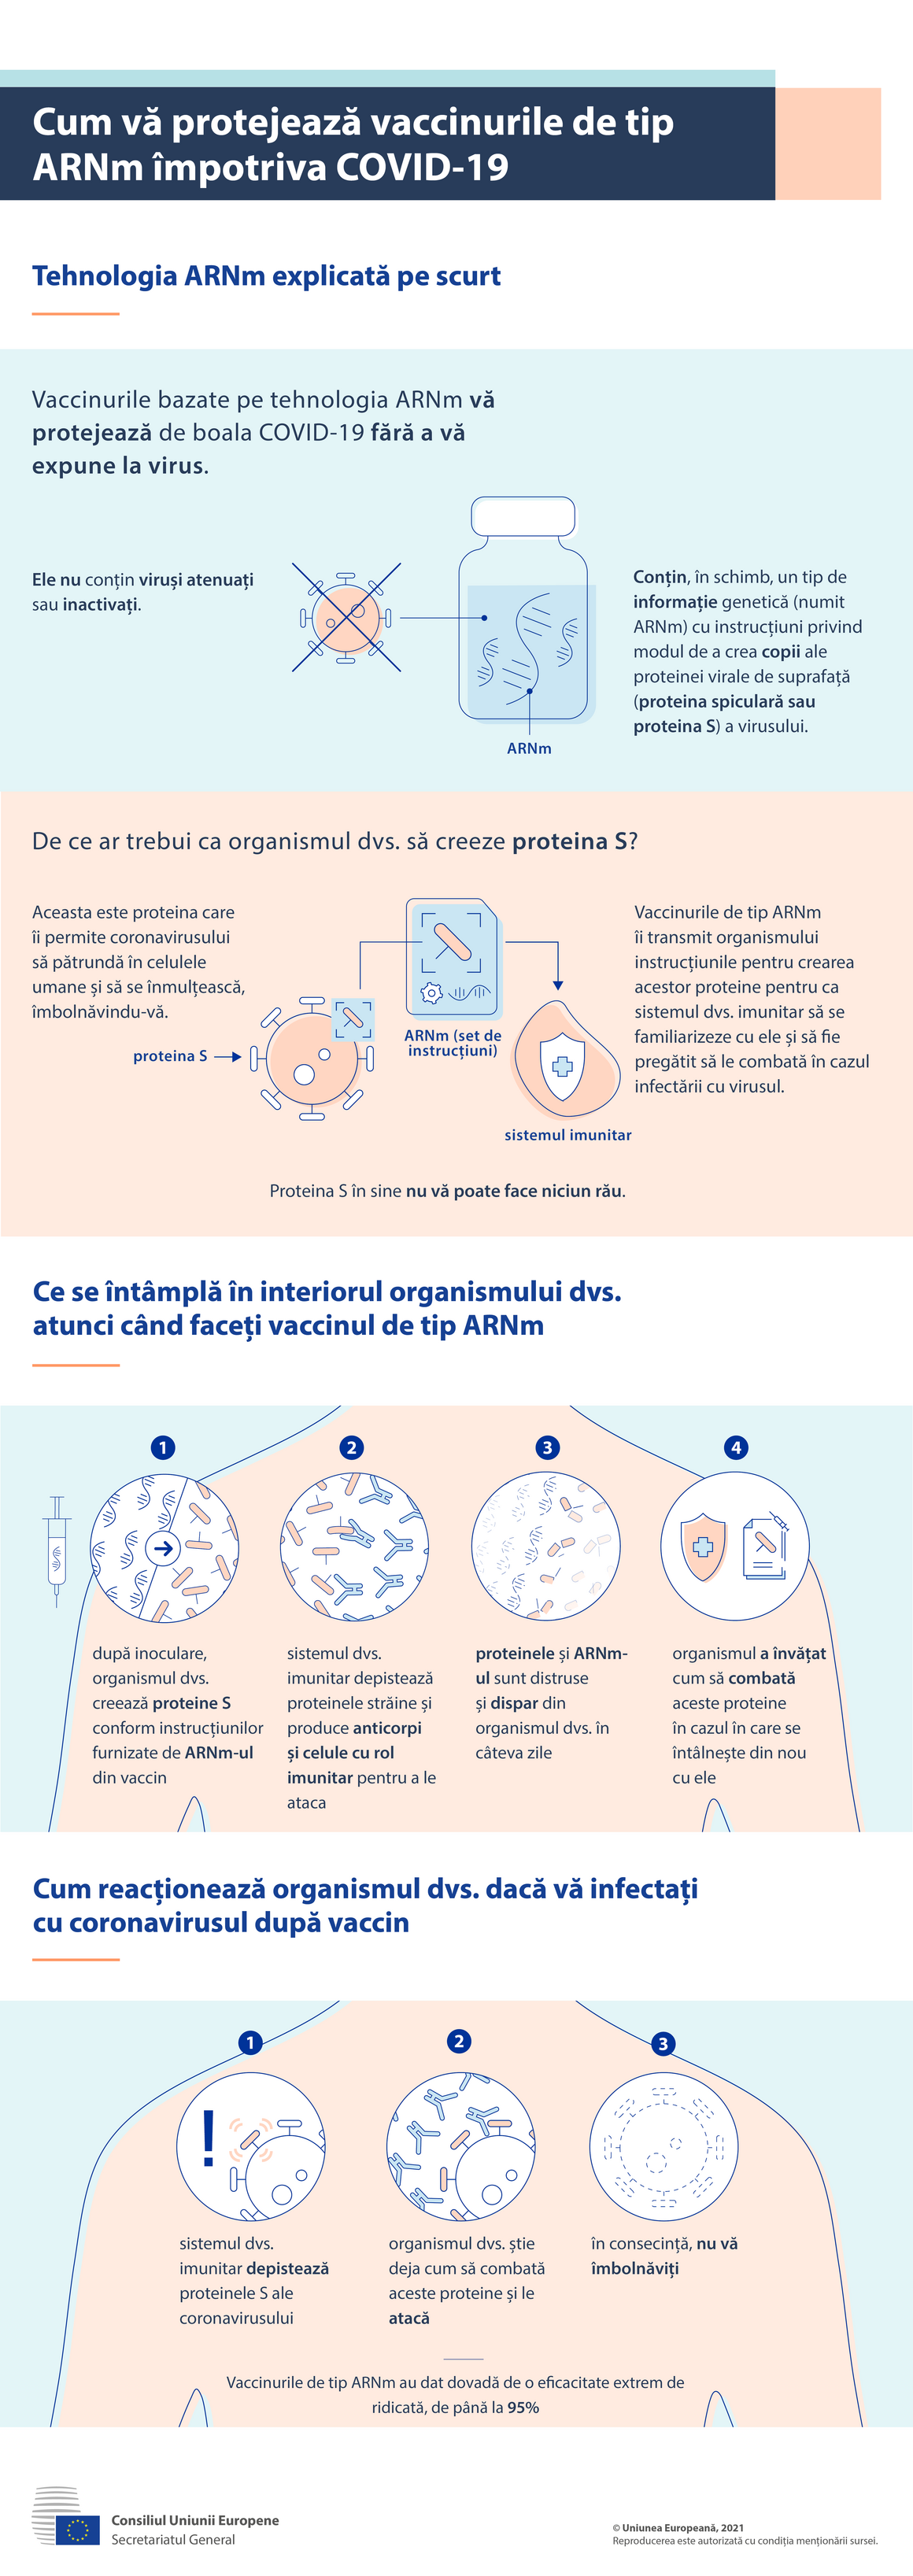 Esta infografia fornece informações sobre o funcionamento das vacinas ARNm.